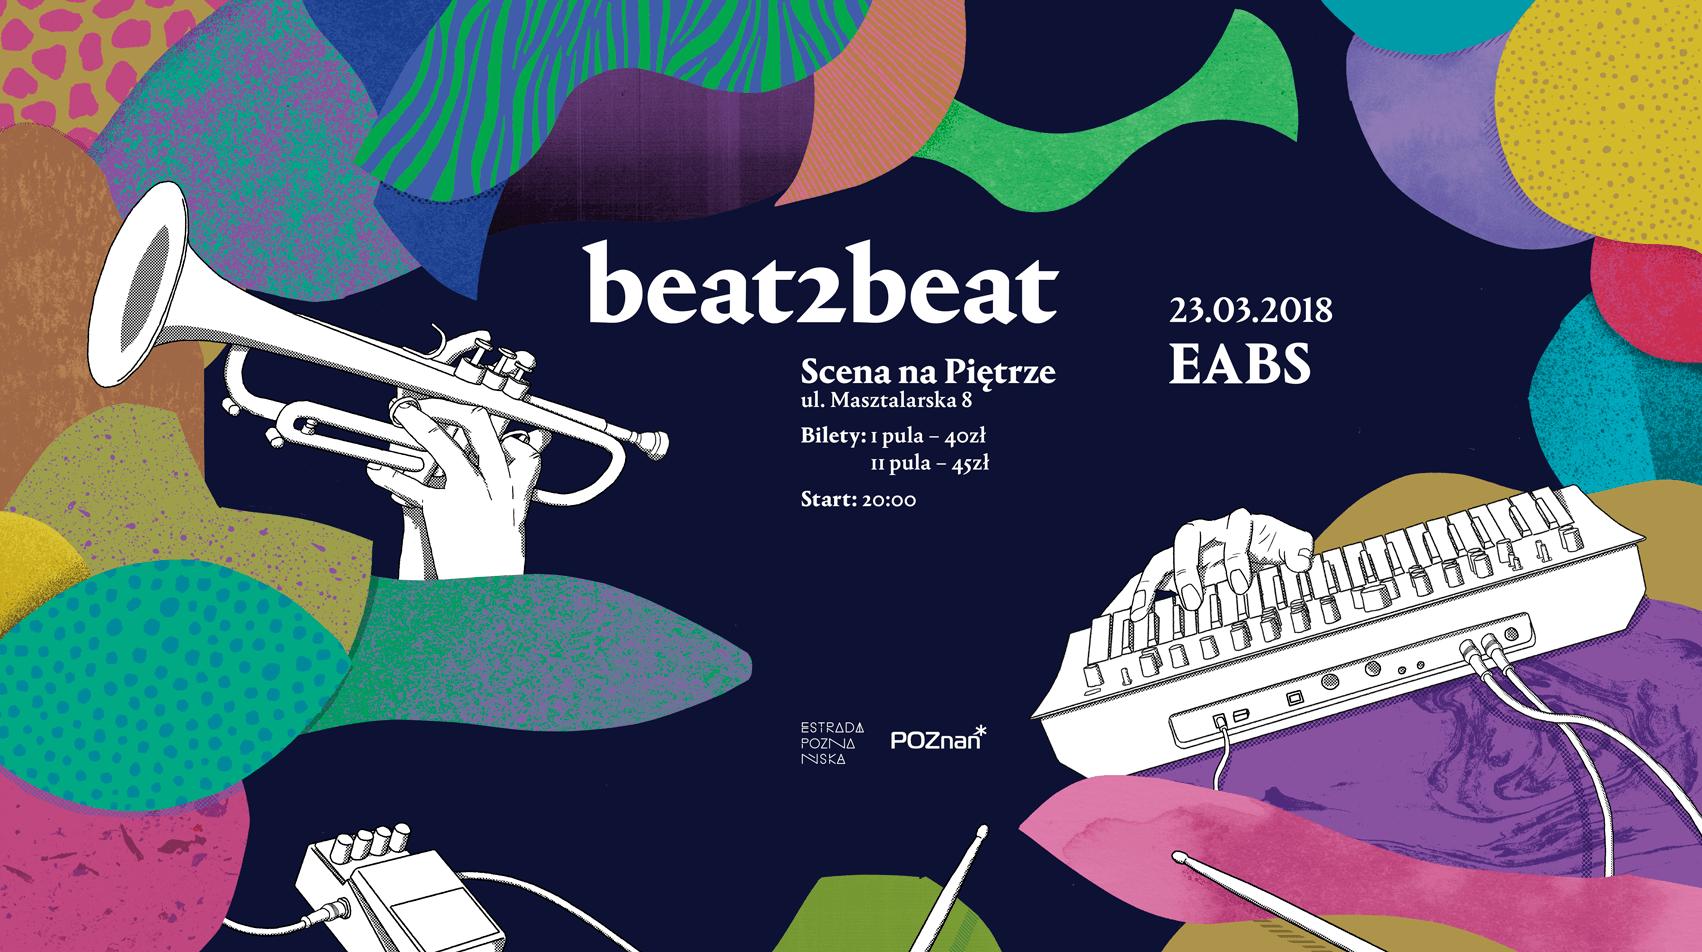 beat2beat - koncerty w Estradzie Poznańskiej